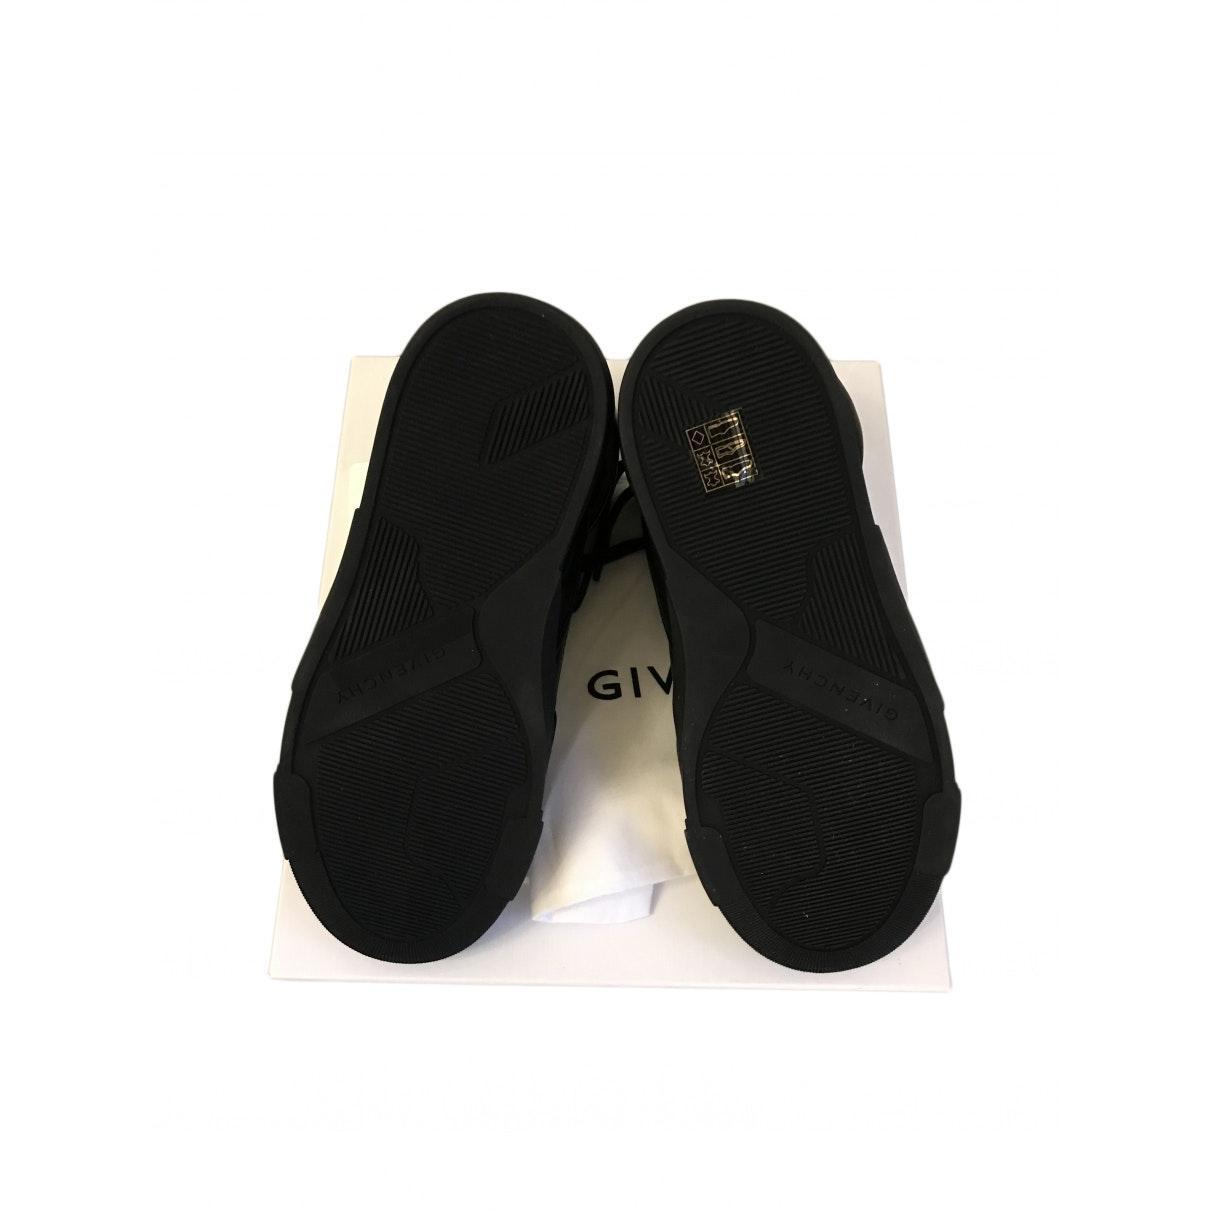 Deportivas en cuero negro Givenchy de Cuero de color Negro